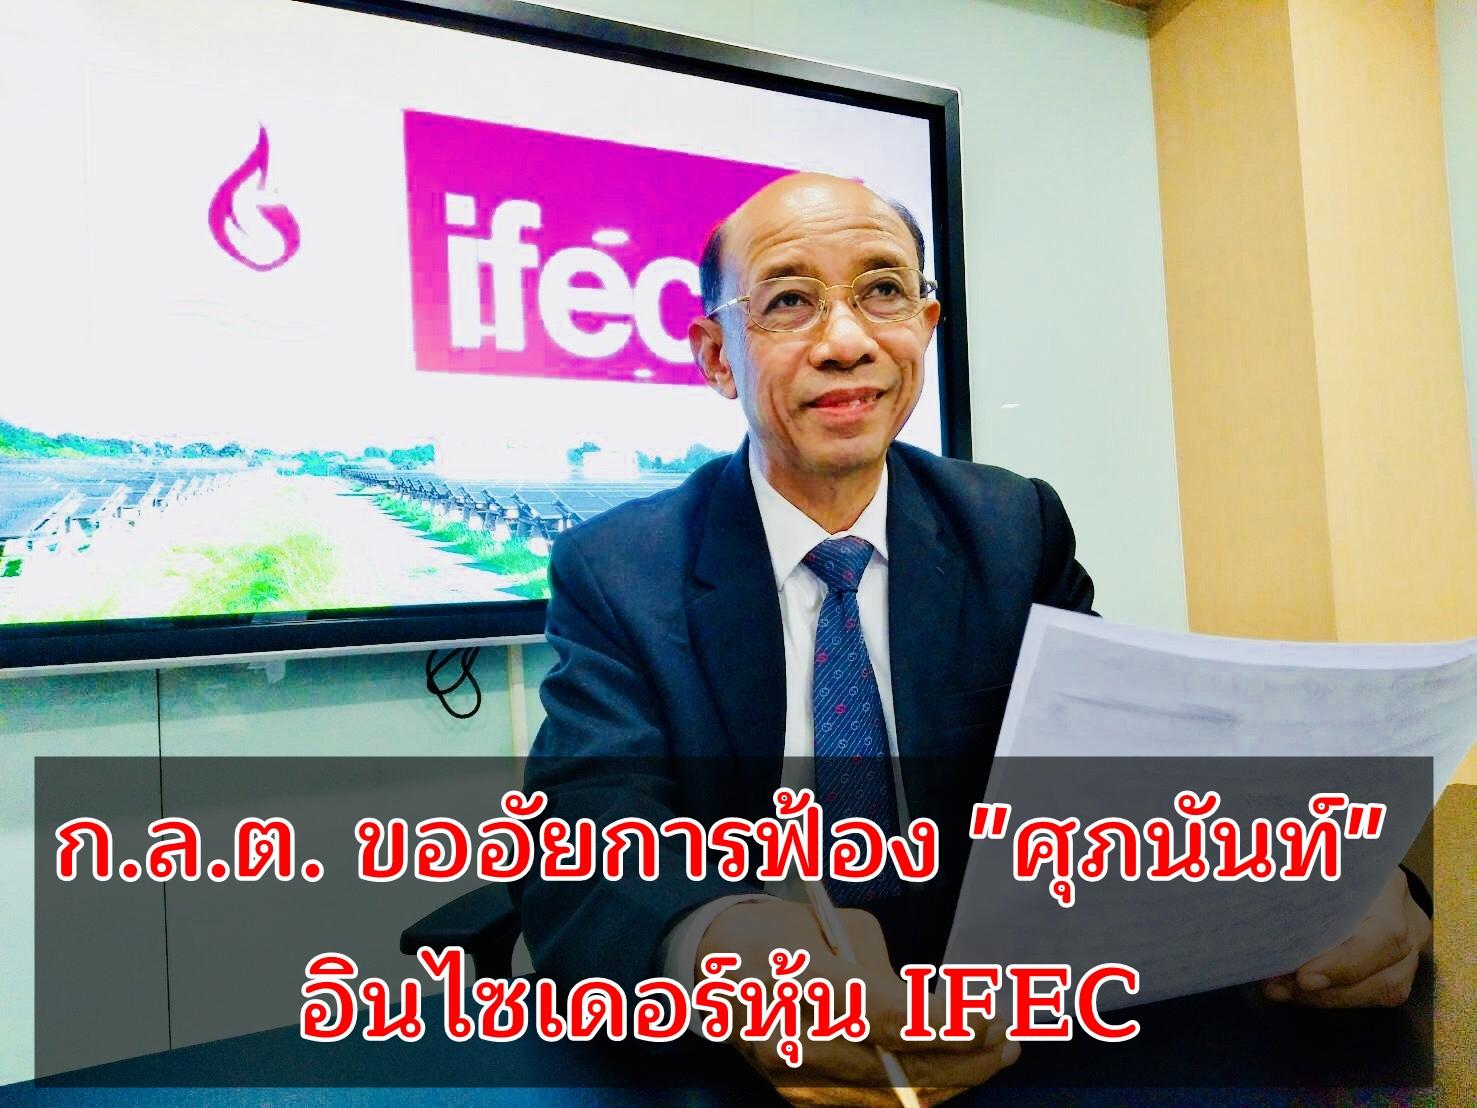 นายศุภนันท์ ฤทธิไพโรจน์ ประธานเจ้าหน้าที่บริหาร บริษัท อินเตอร์ฟาร์อีสท์ เอ็นเนอร์ยี่ คอร์ปอเรชั่น จำกัด (มหาชน) หรือ IFEC